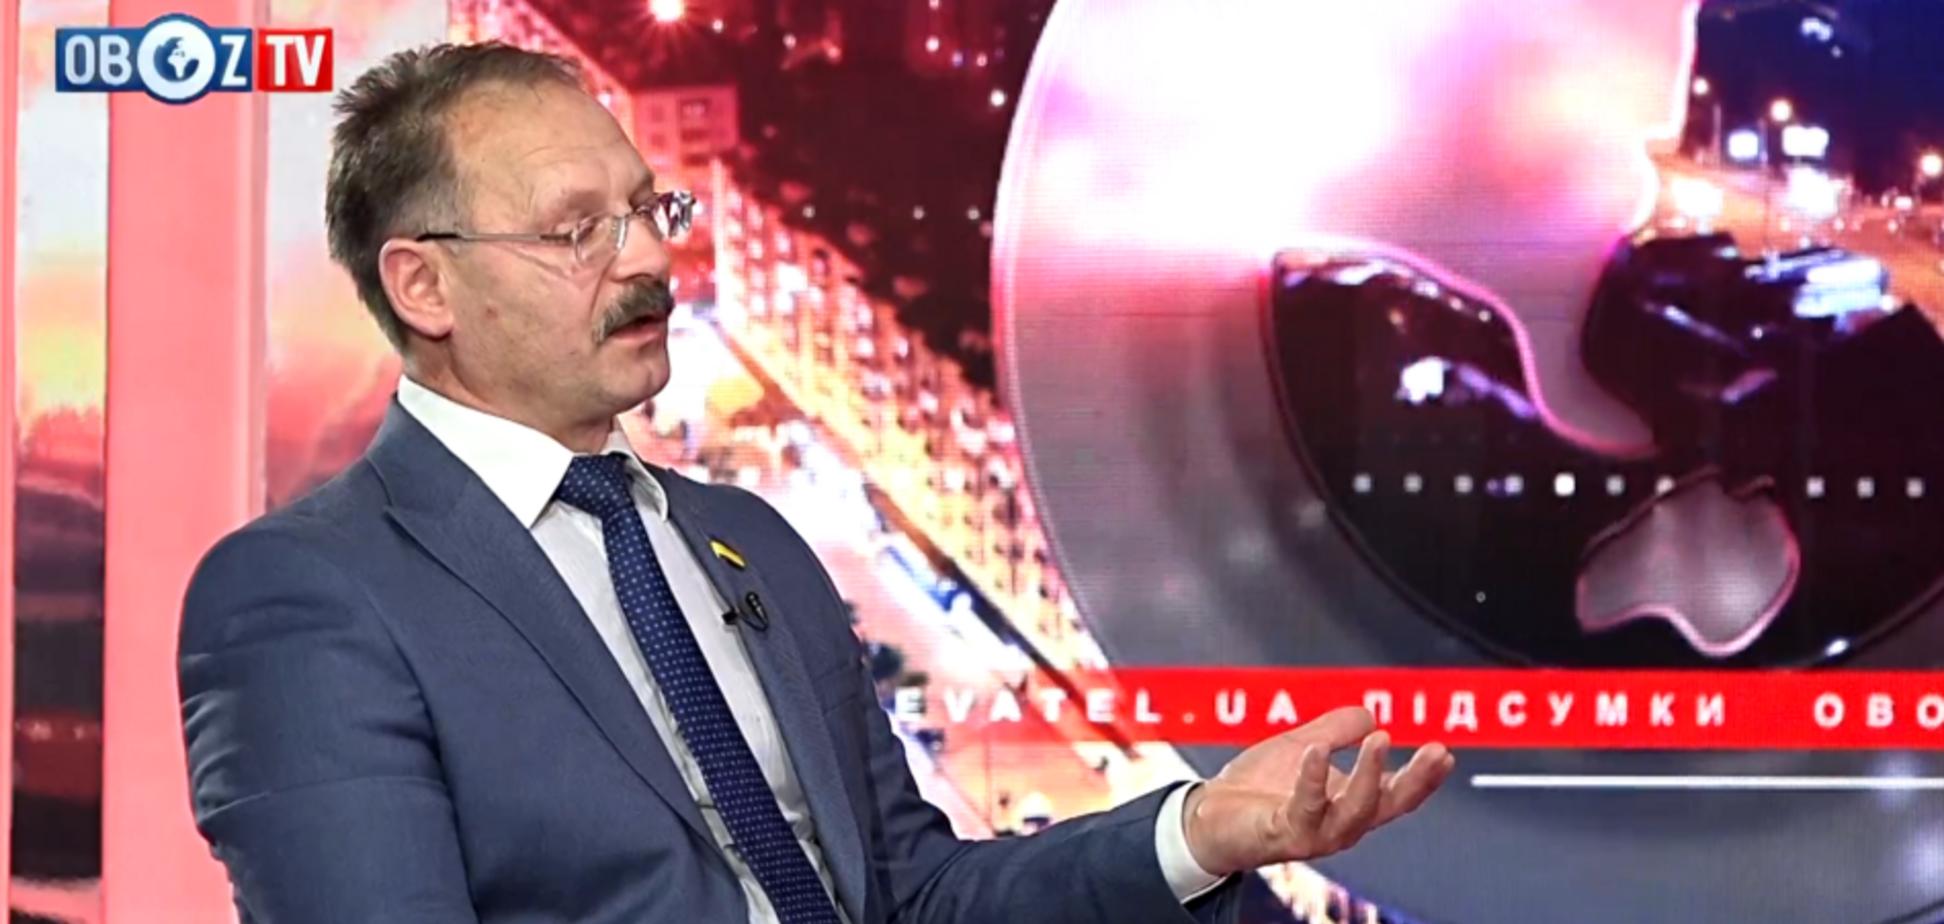 Путин создает формальное основание для введения войск в Украину: нардеп